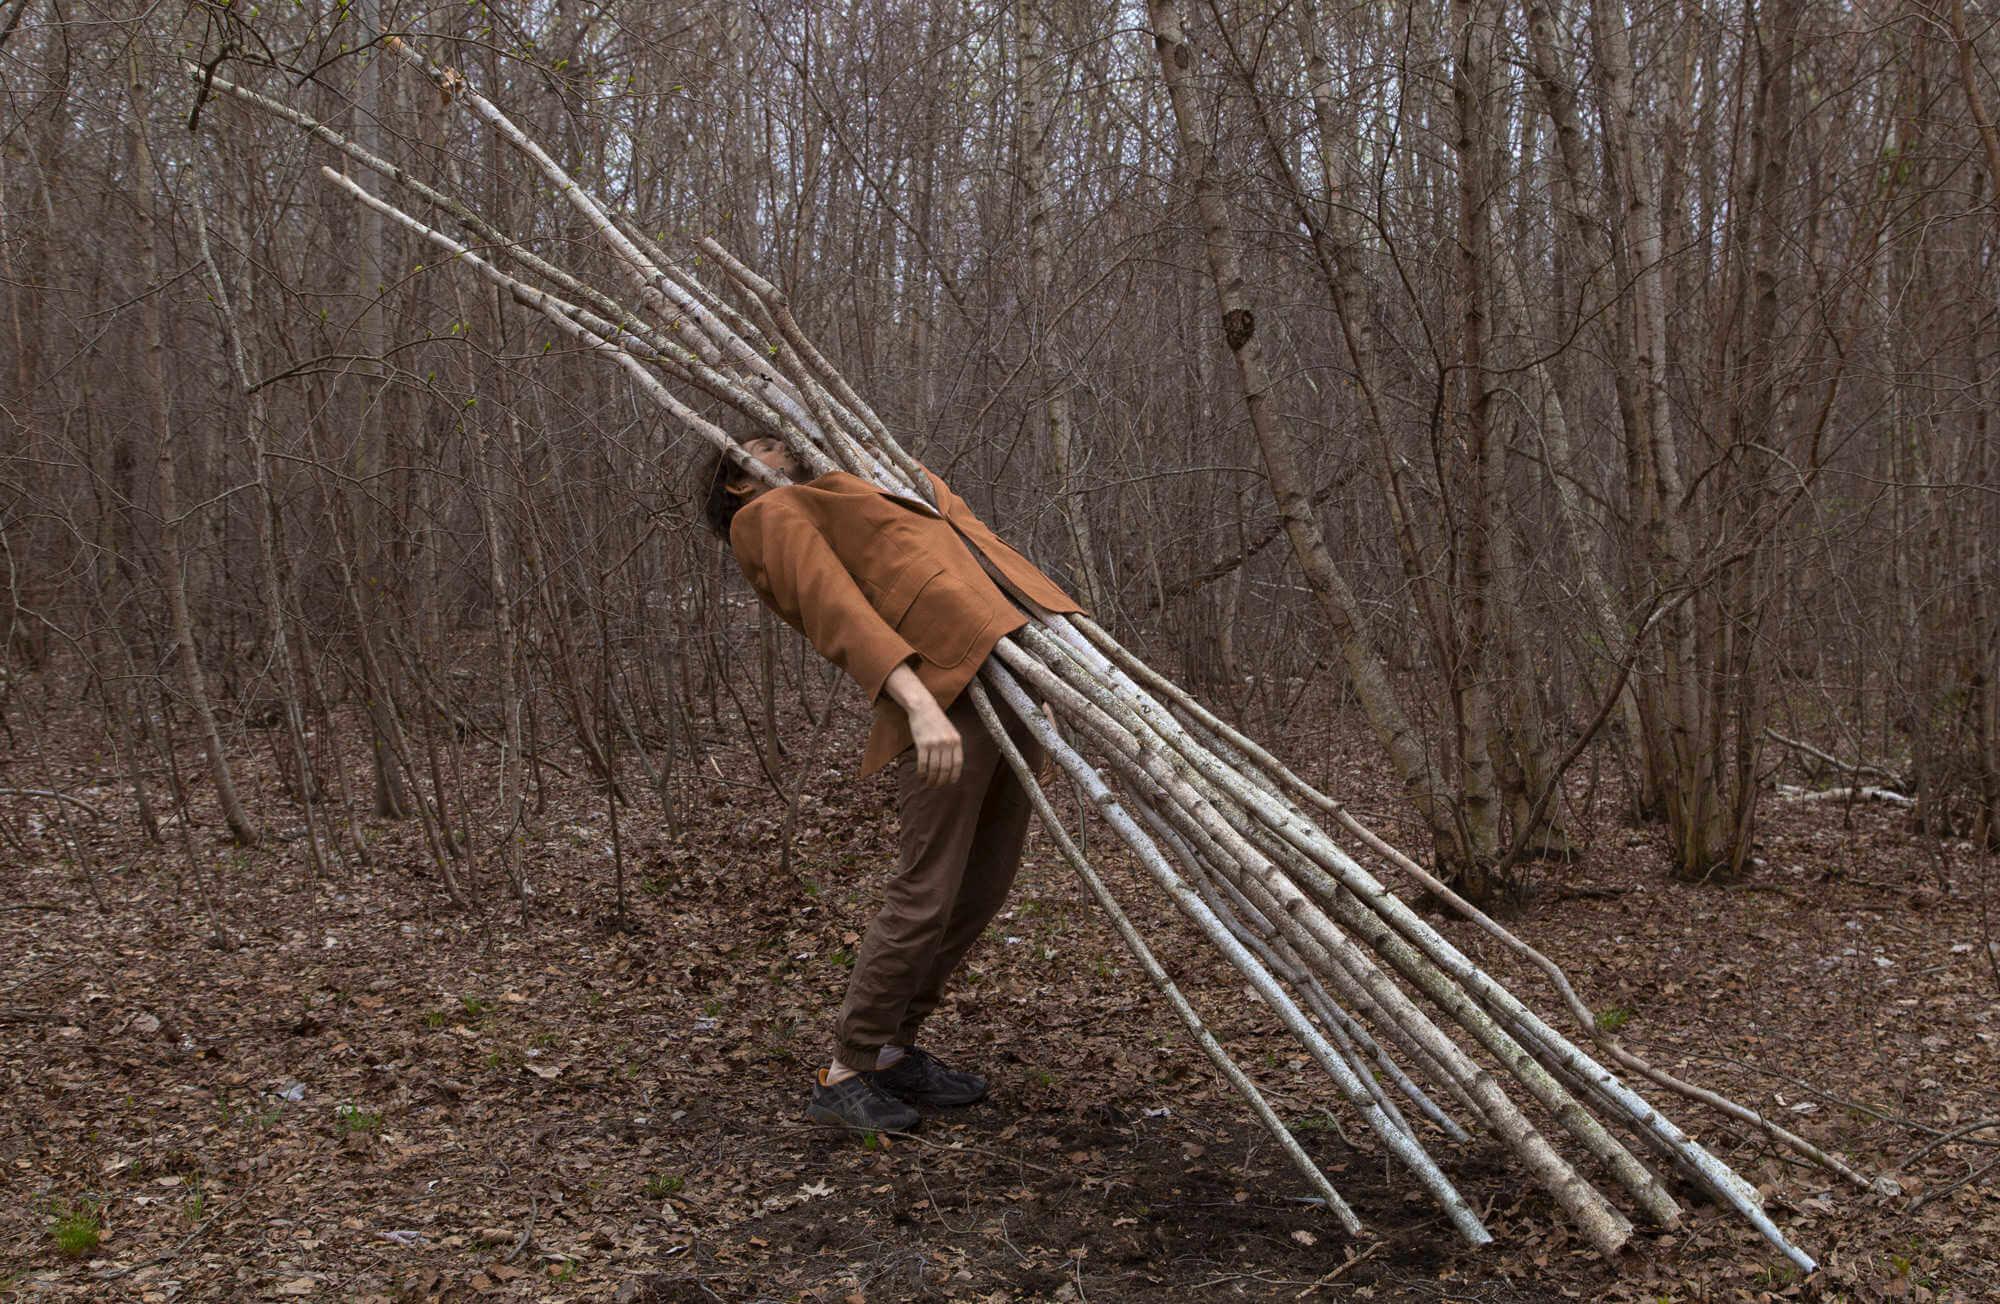 Fotografia e historias divertidas de Ben zak, el hombre arbol